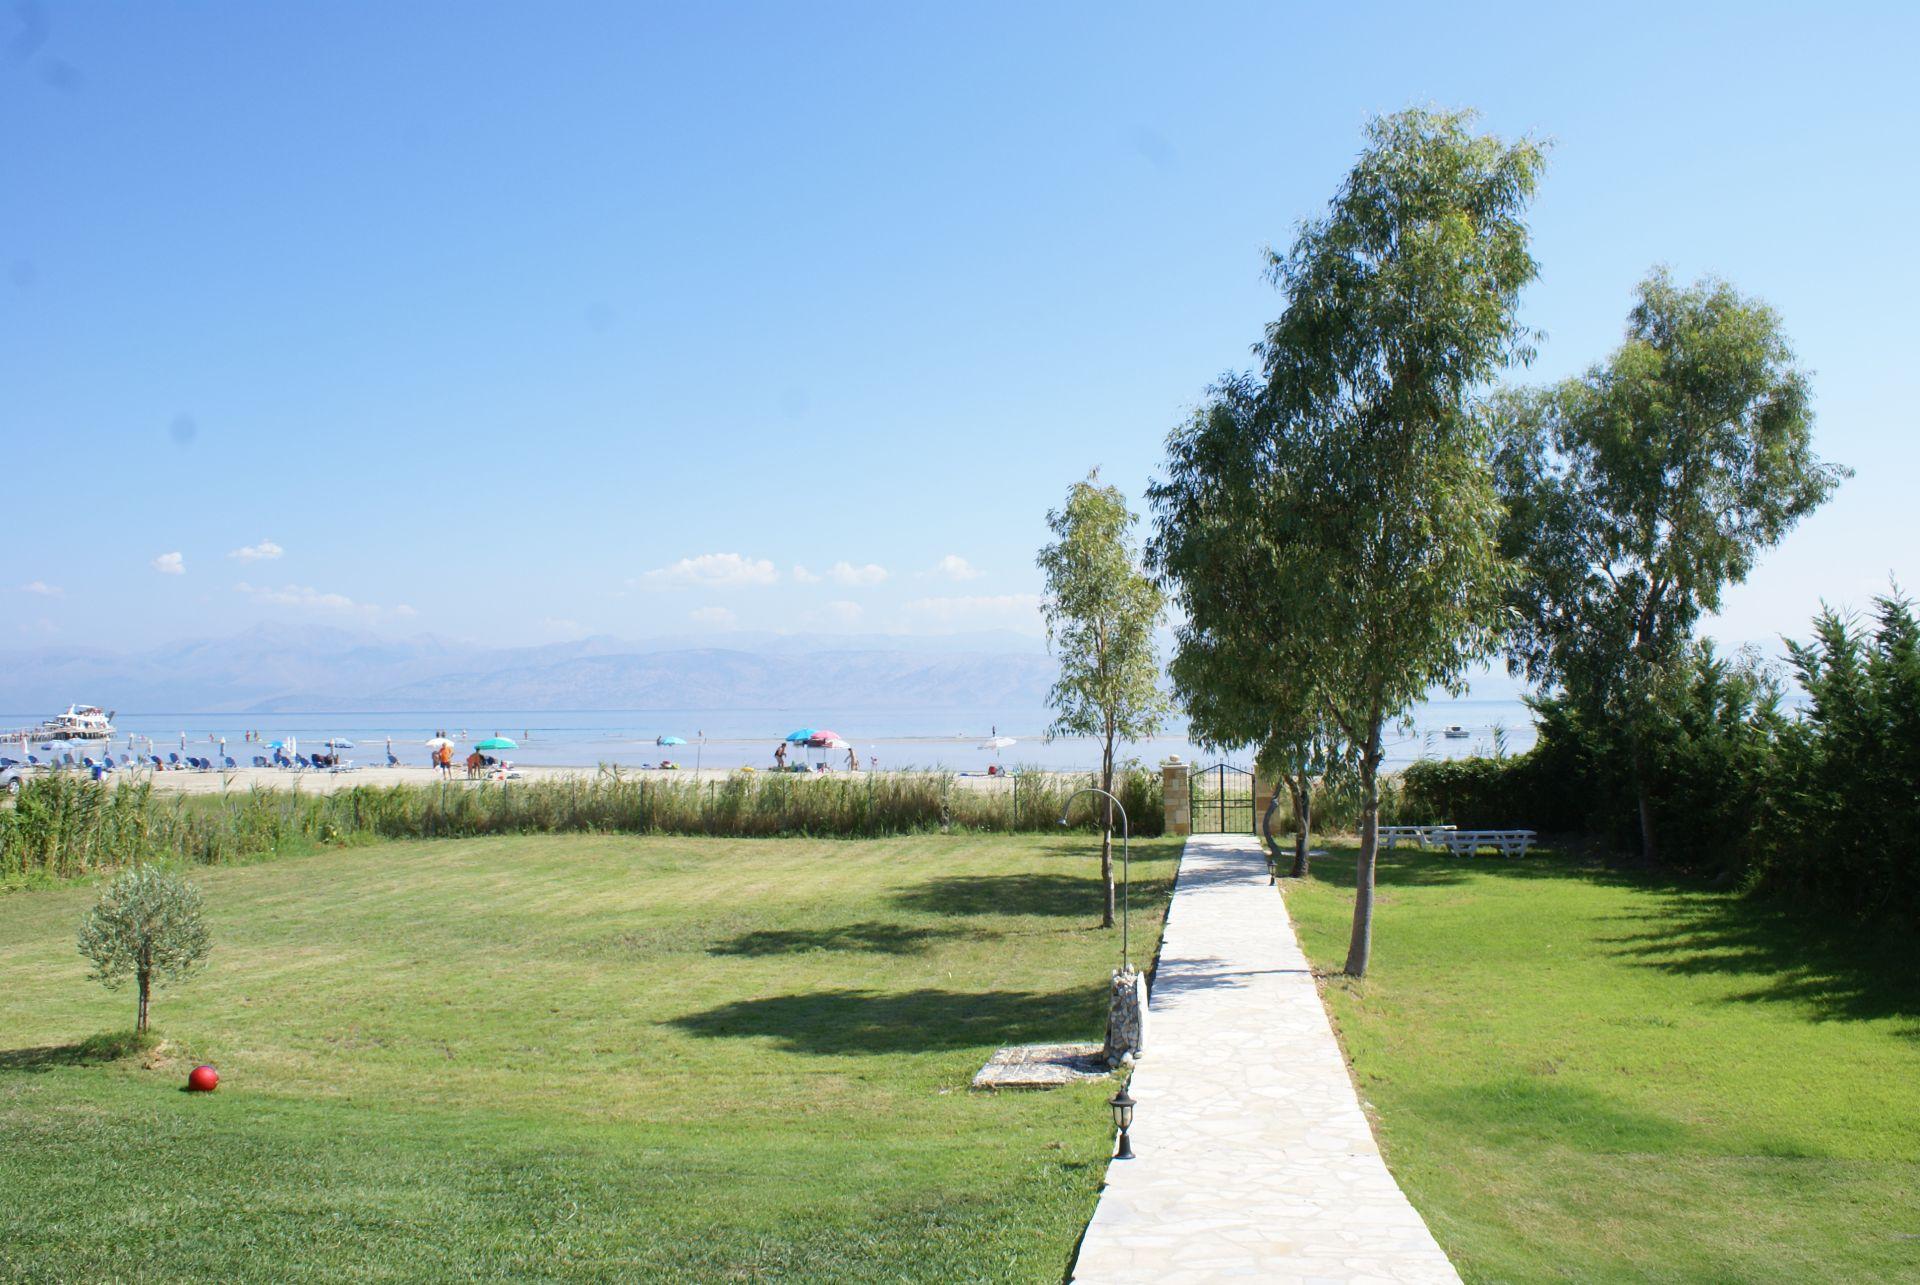 Blick aufs Meer - Korfu Strandvilla Villa Meer, Kalamaki, KorfuCorfu